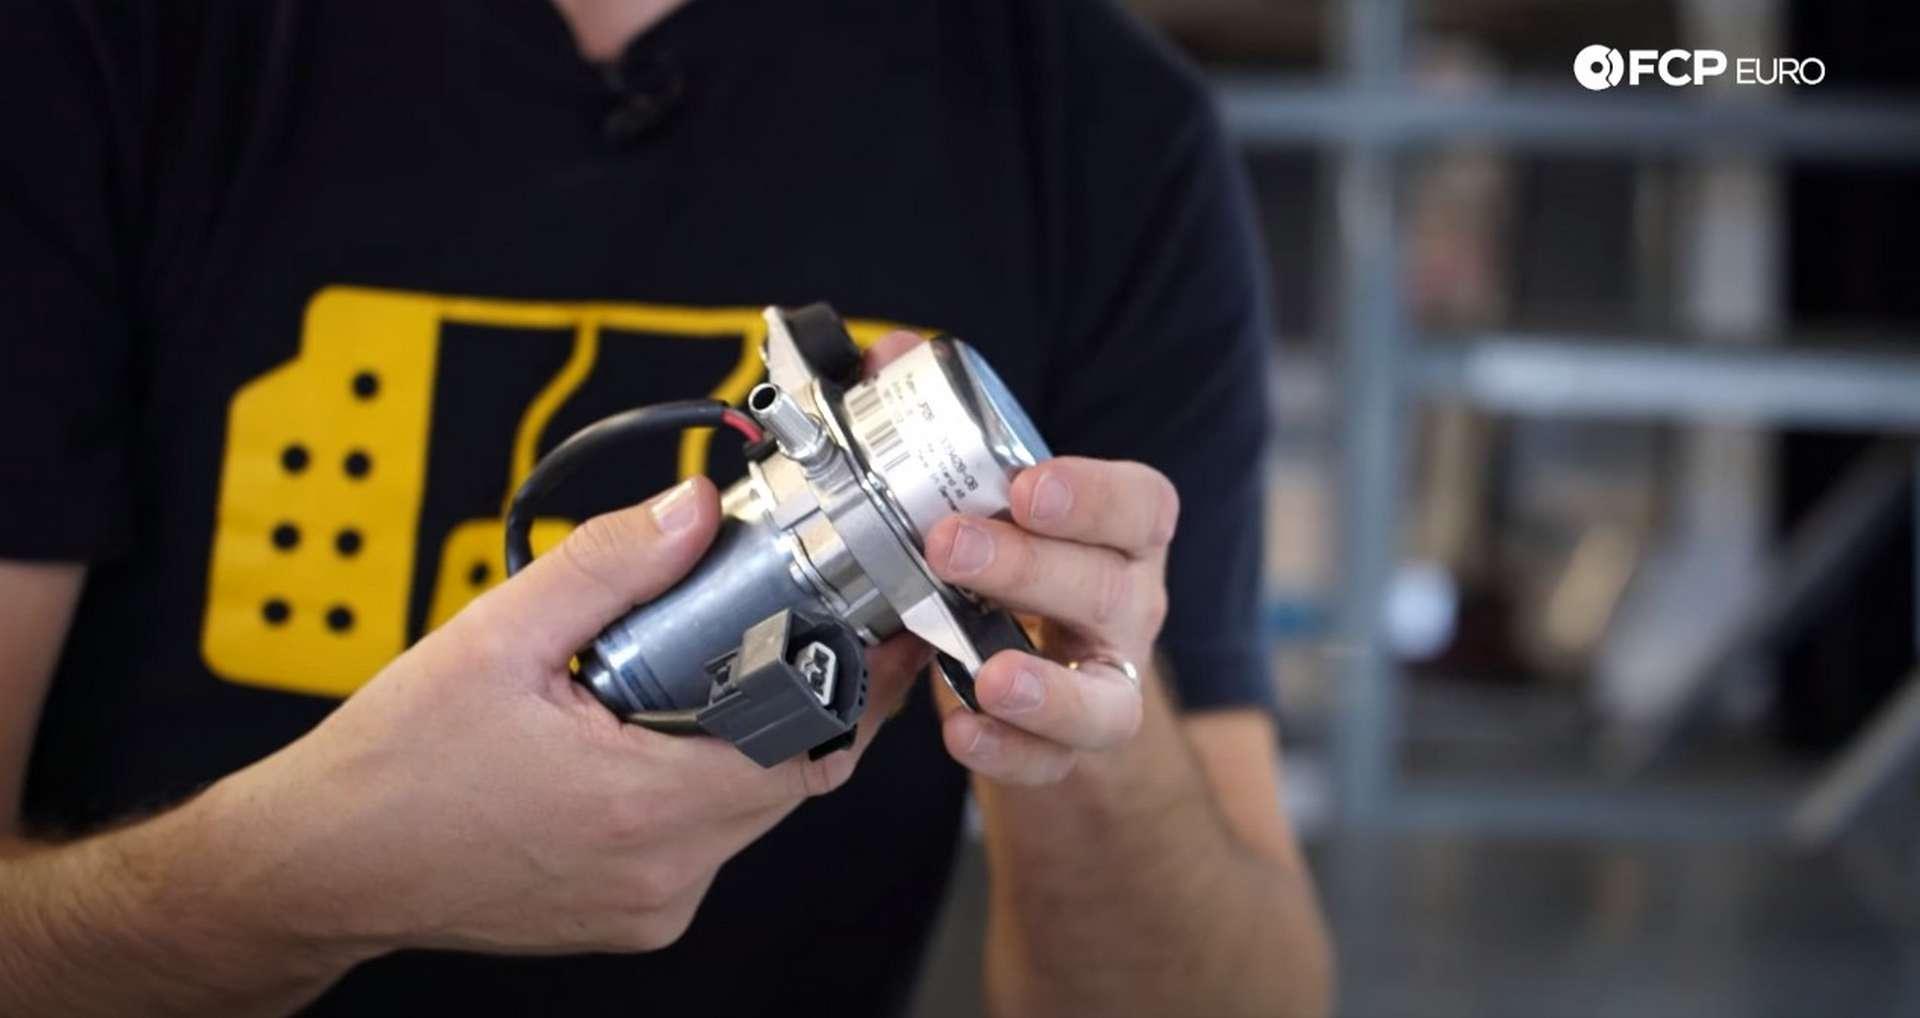 03-TechTip-Vacuum-Pumps-Explained